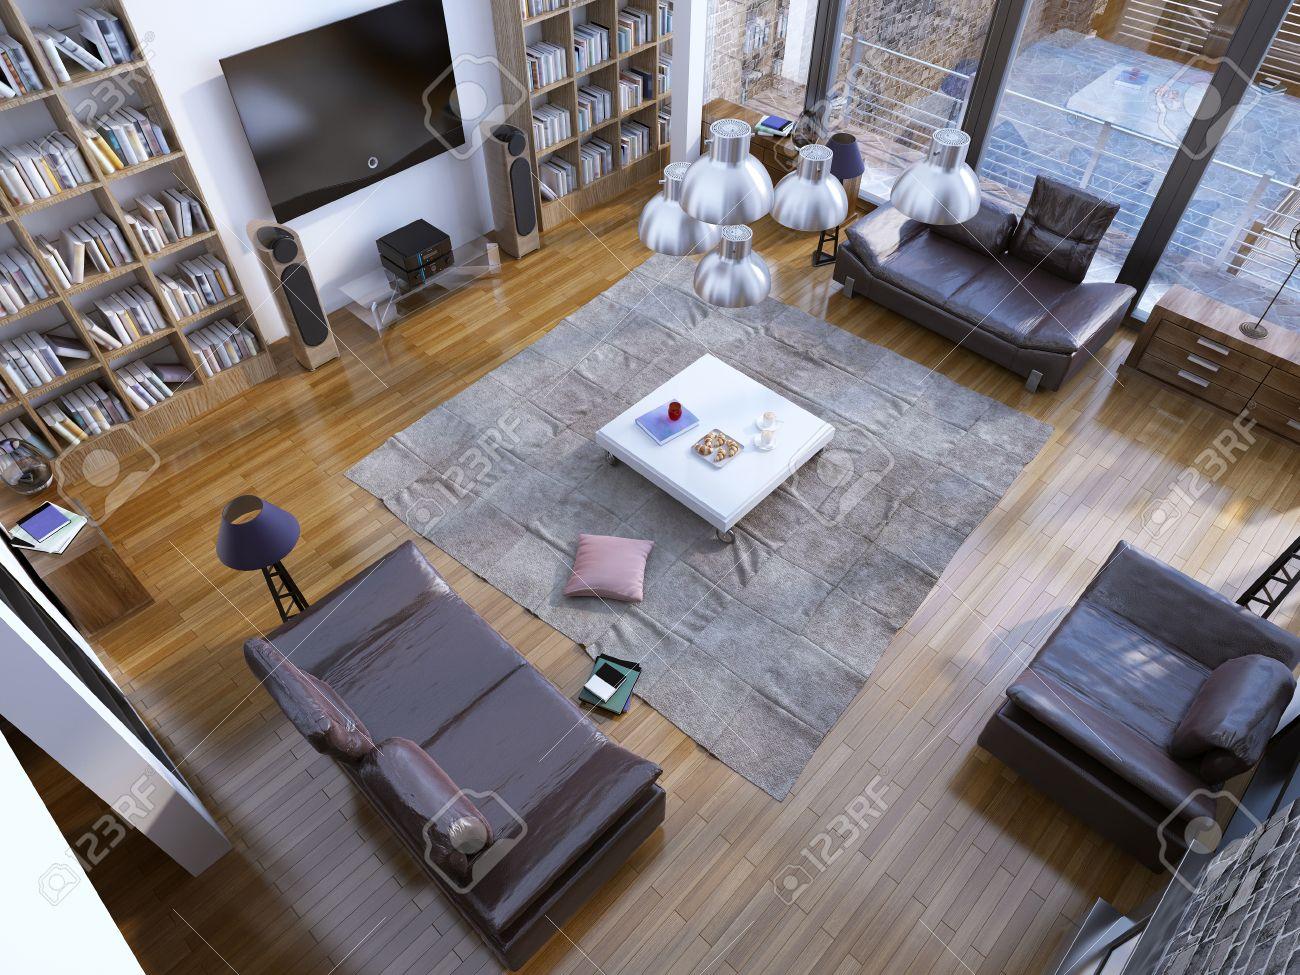 Hervorragend Design Der Modernen Wohnzimmer Mit Heim Bibliothek Und Weiß Niedrigen Tisch  In Der Mitte. 3D